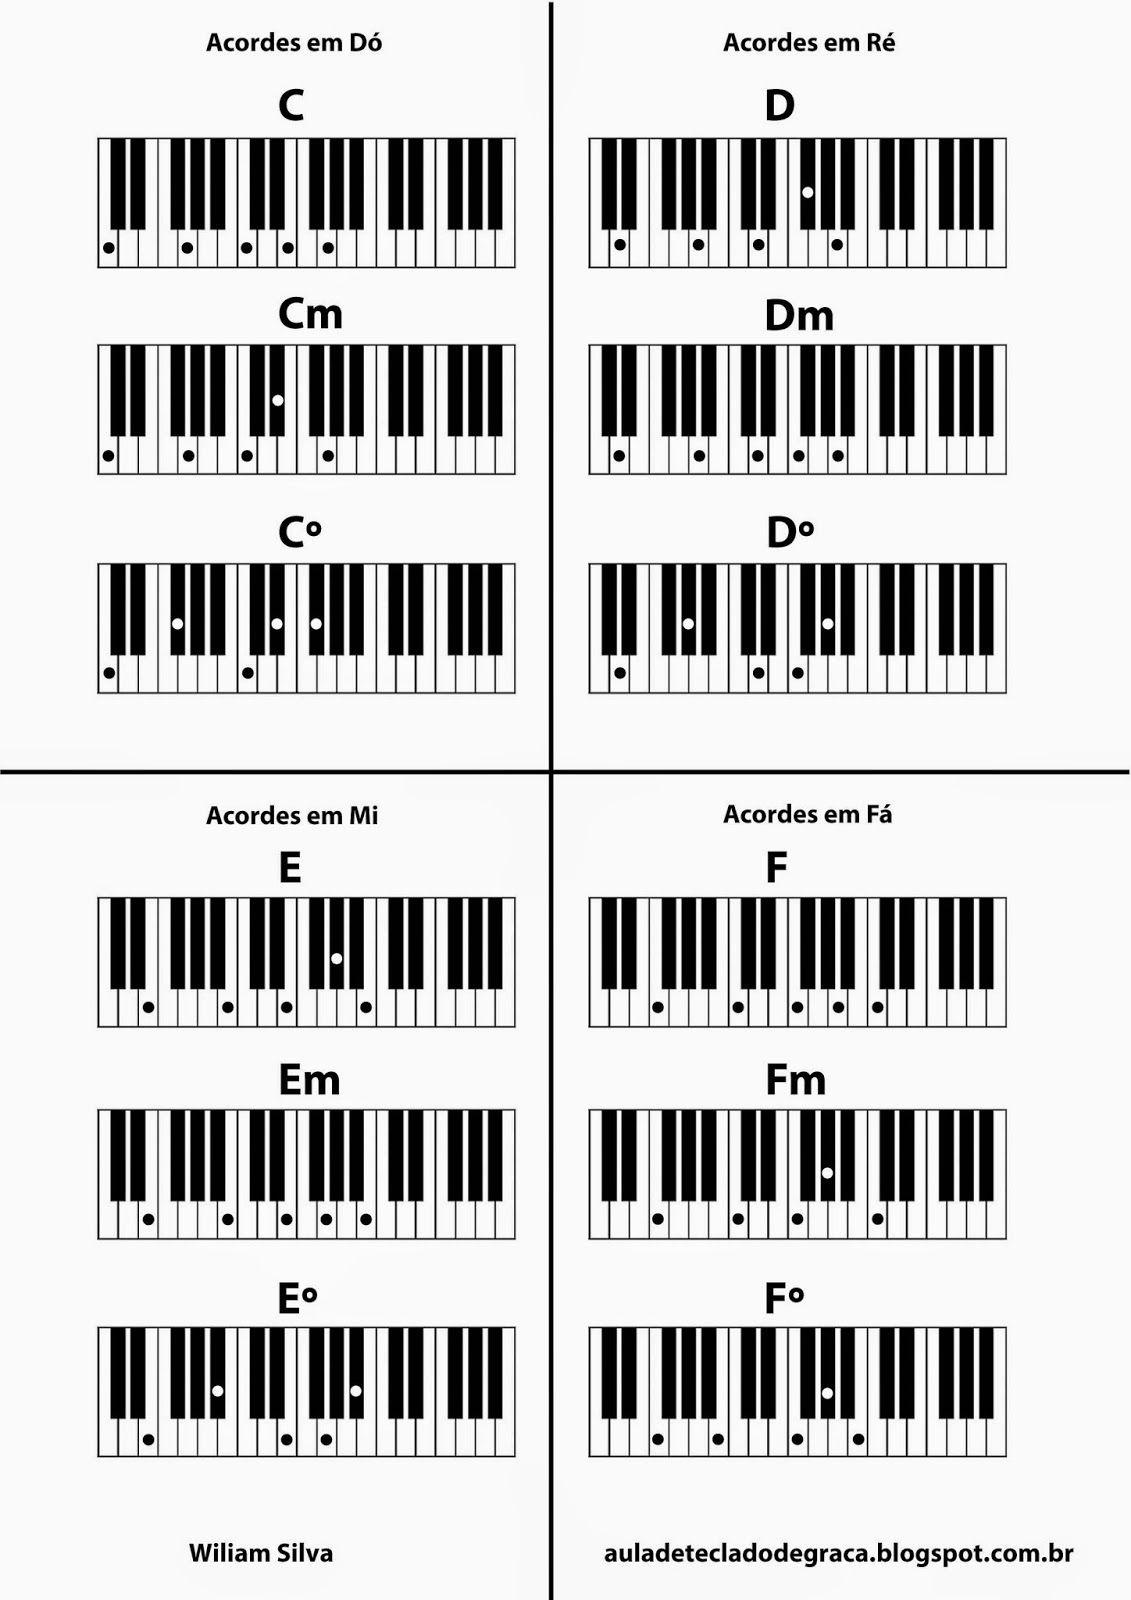 Dicionario De Acordes Basico Com Imagens Musica De Violoncelo